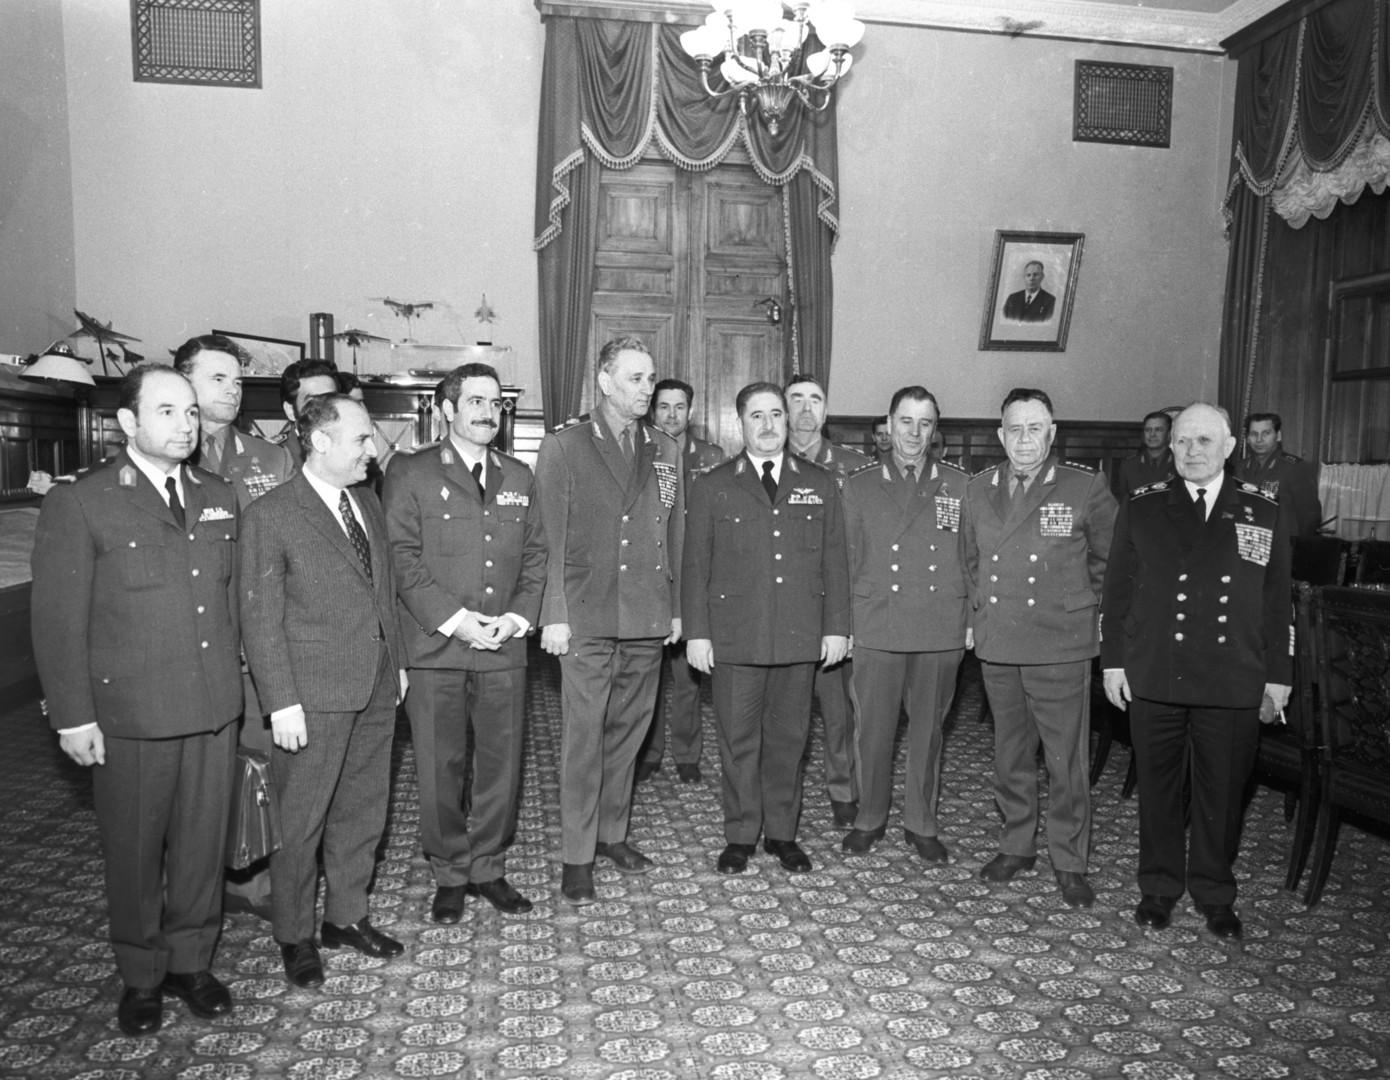 Der sowjetische Verteidigungsminister Feldmarschall Andrei Gretschko (vierter von links) und der Verteidigungsminister der Syrischen Arabischen Republik Generalleutnant Mustafa Tlas (vierter von rechts) 1972 in Moskau.